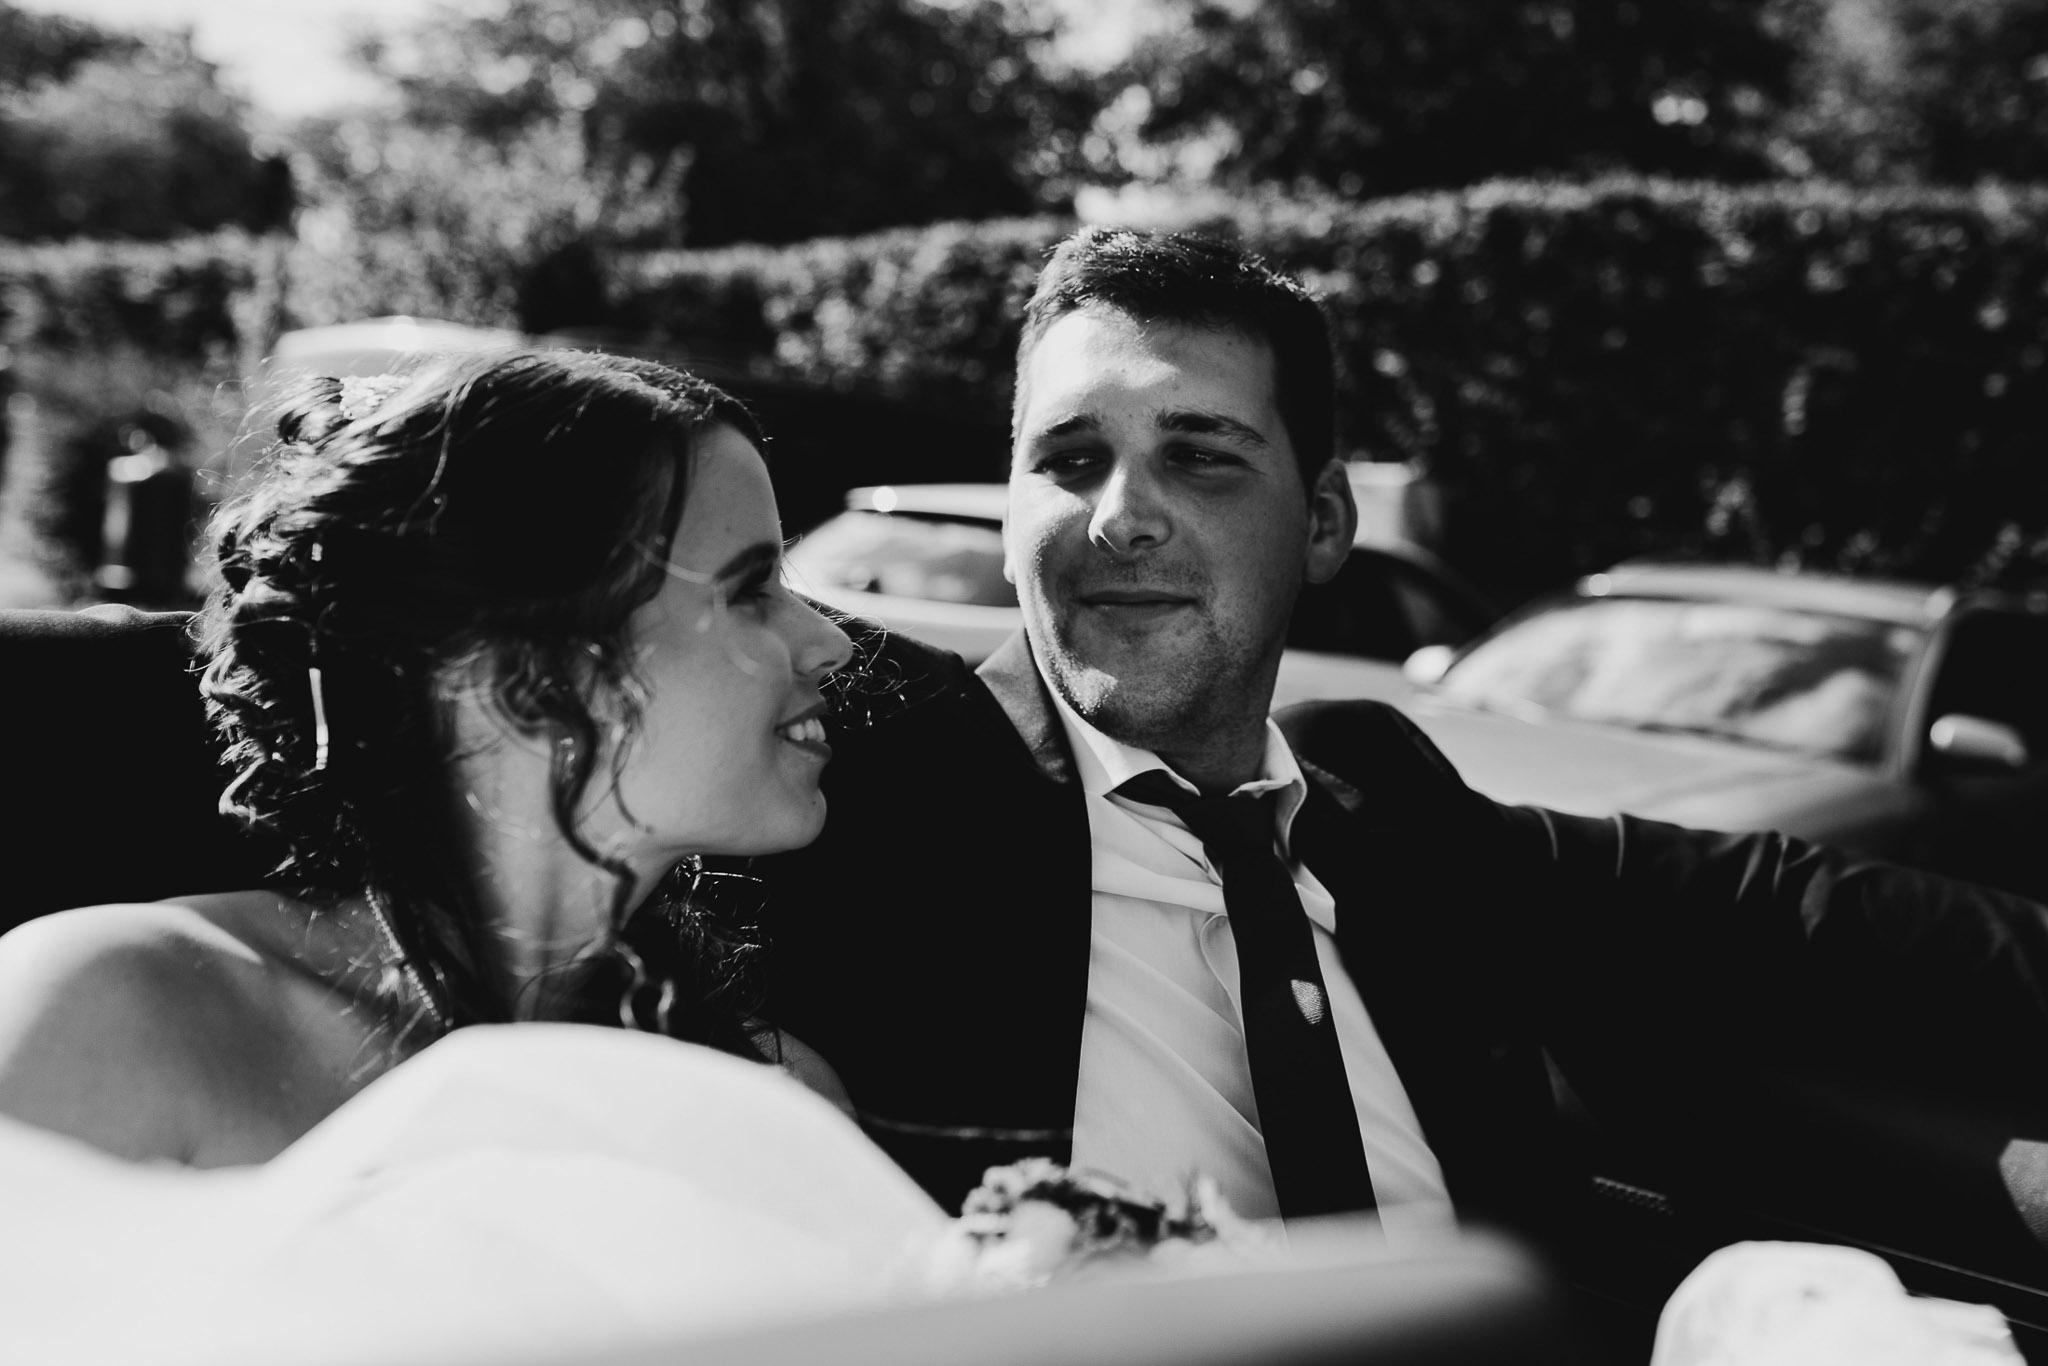 Hochzeitspaar gemeinsam im Auto auf der Rückbank